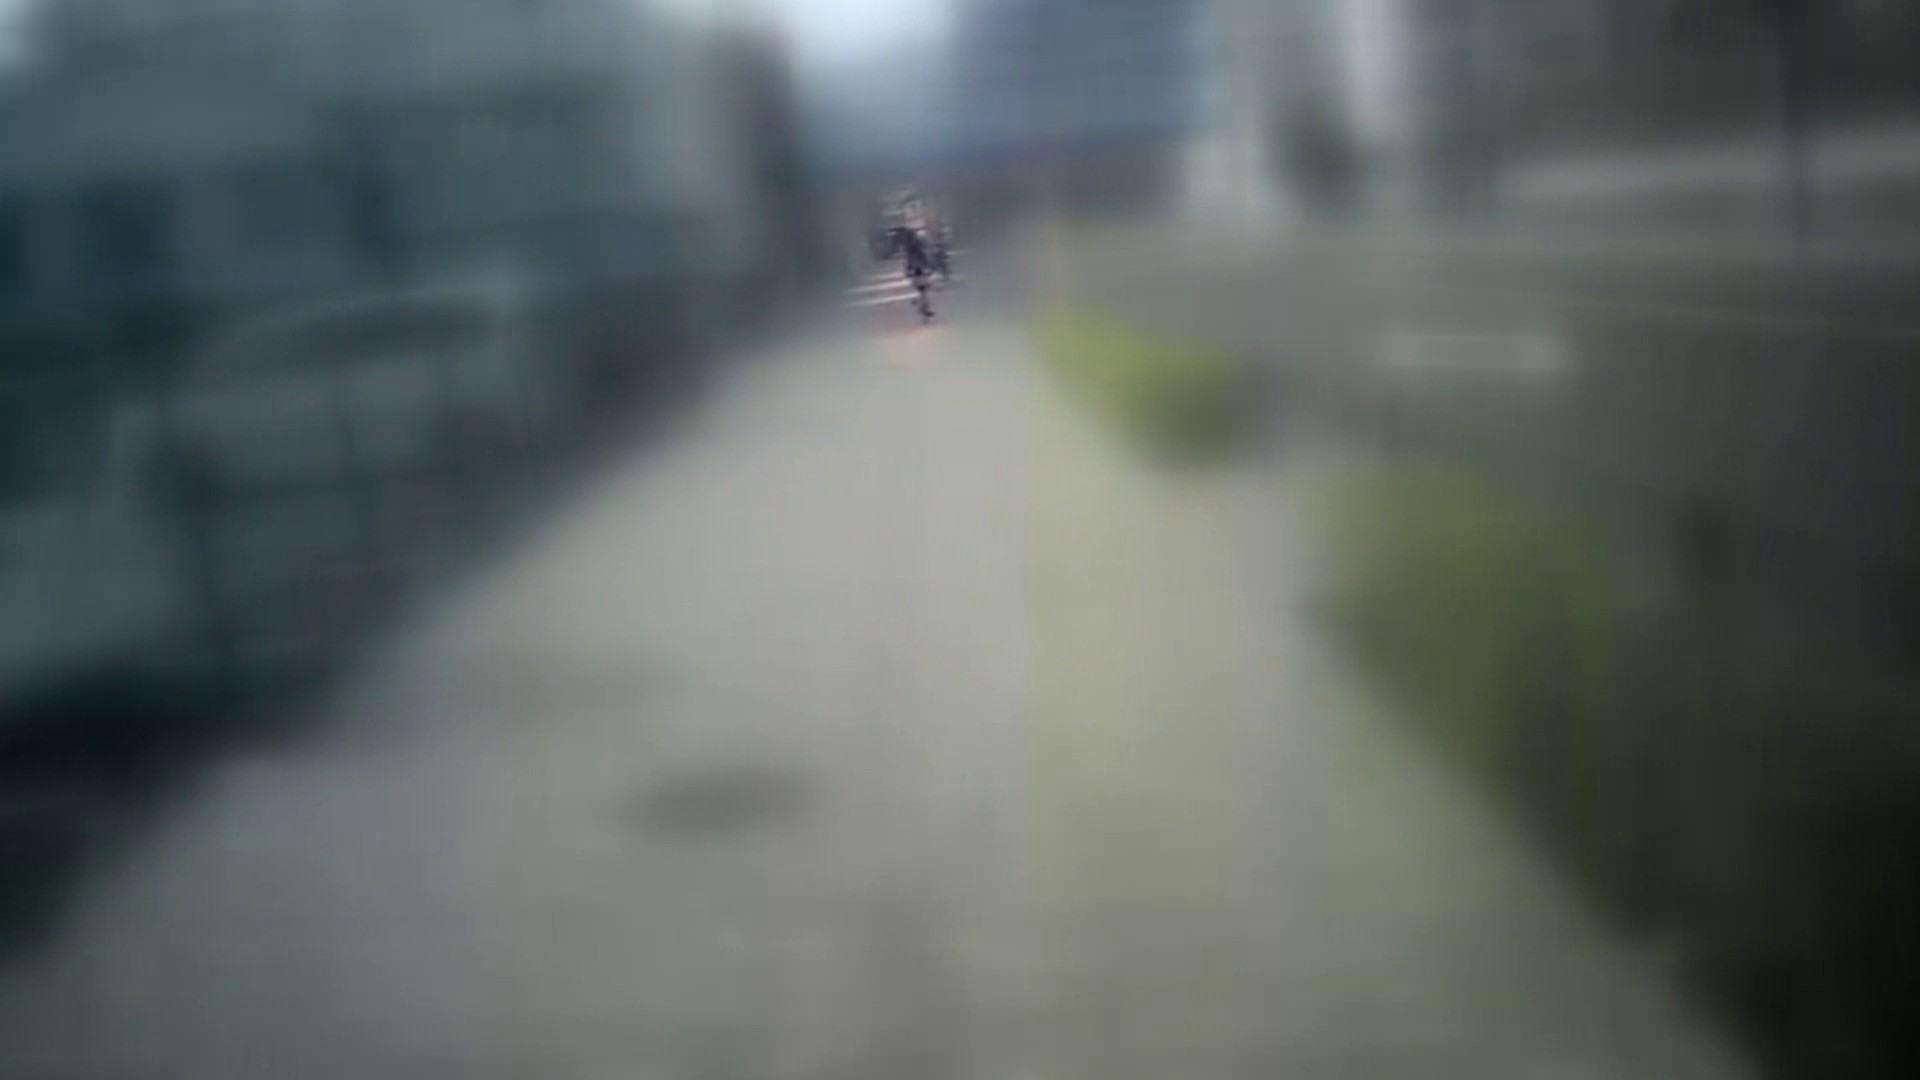 自転車パンチラ Vol.01 OLの実態 盗み撮りSEX無修正画像 36pic 2